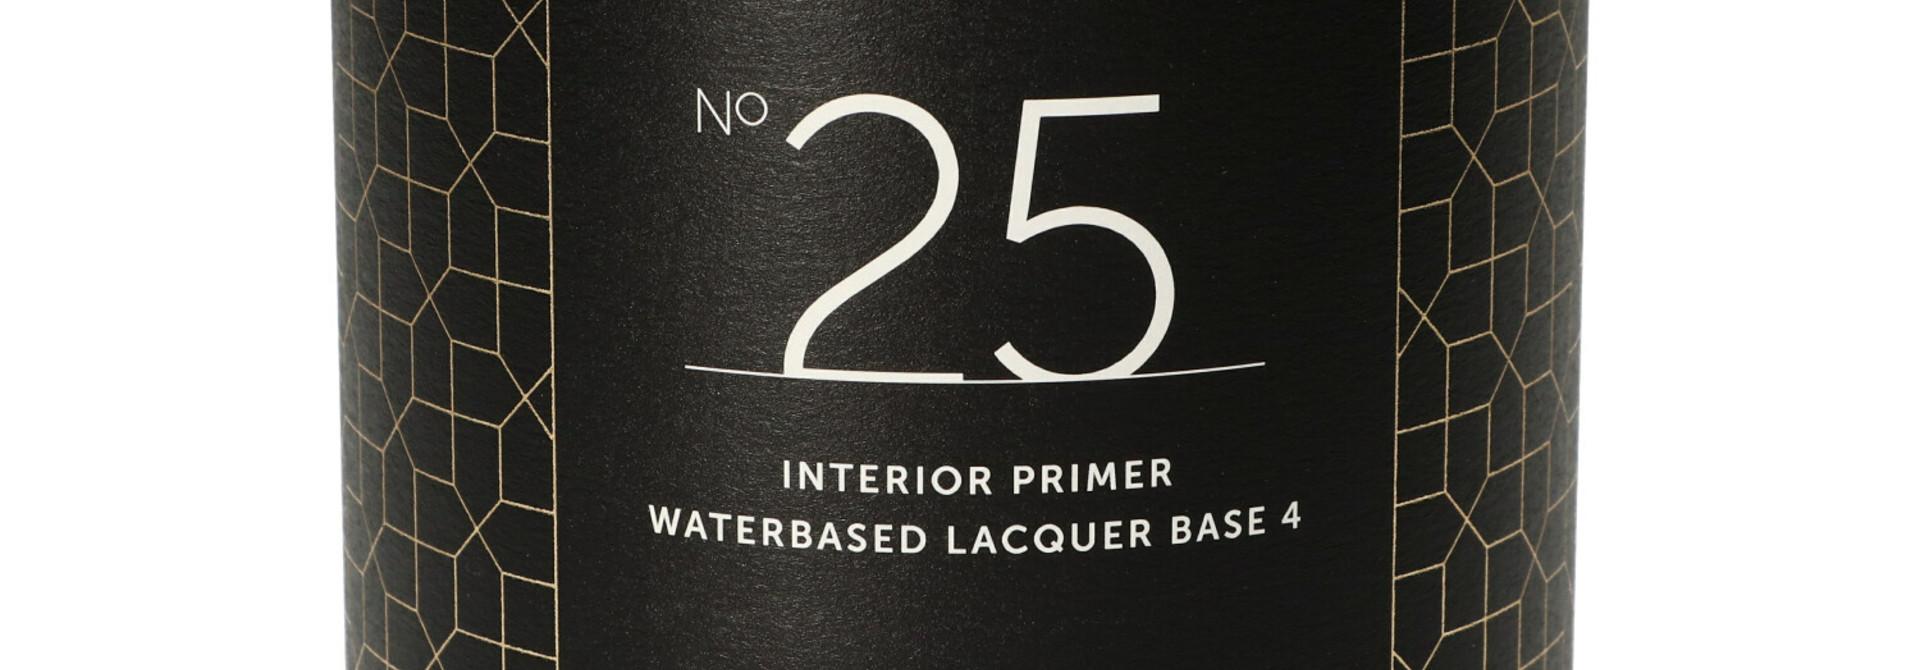 No. 25 INTERIOR PRIMER - 1L